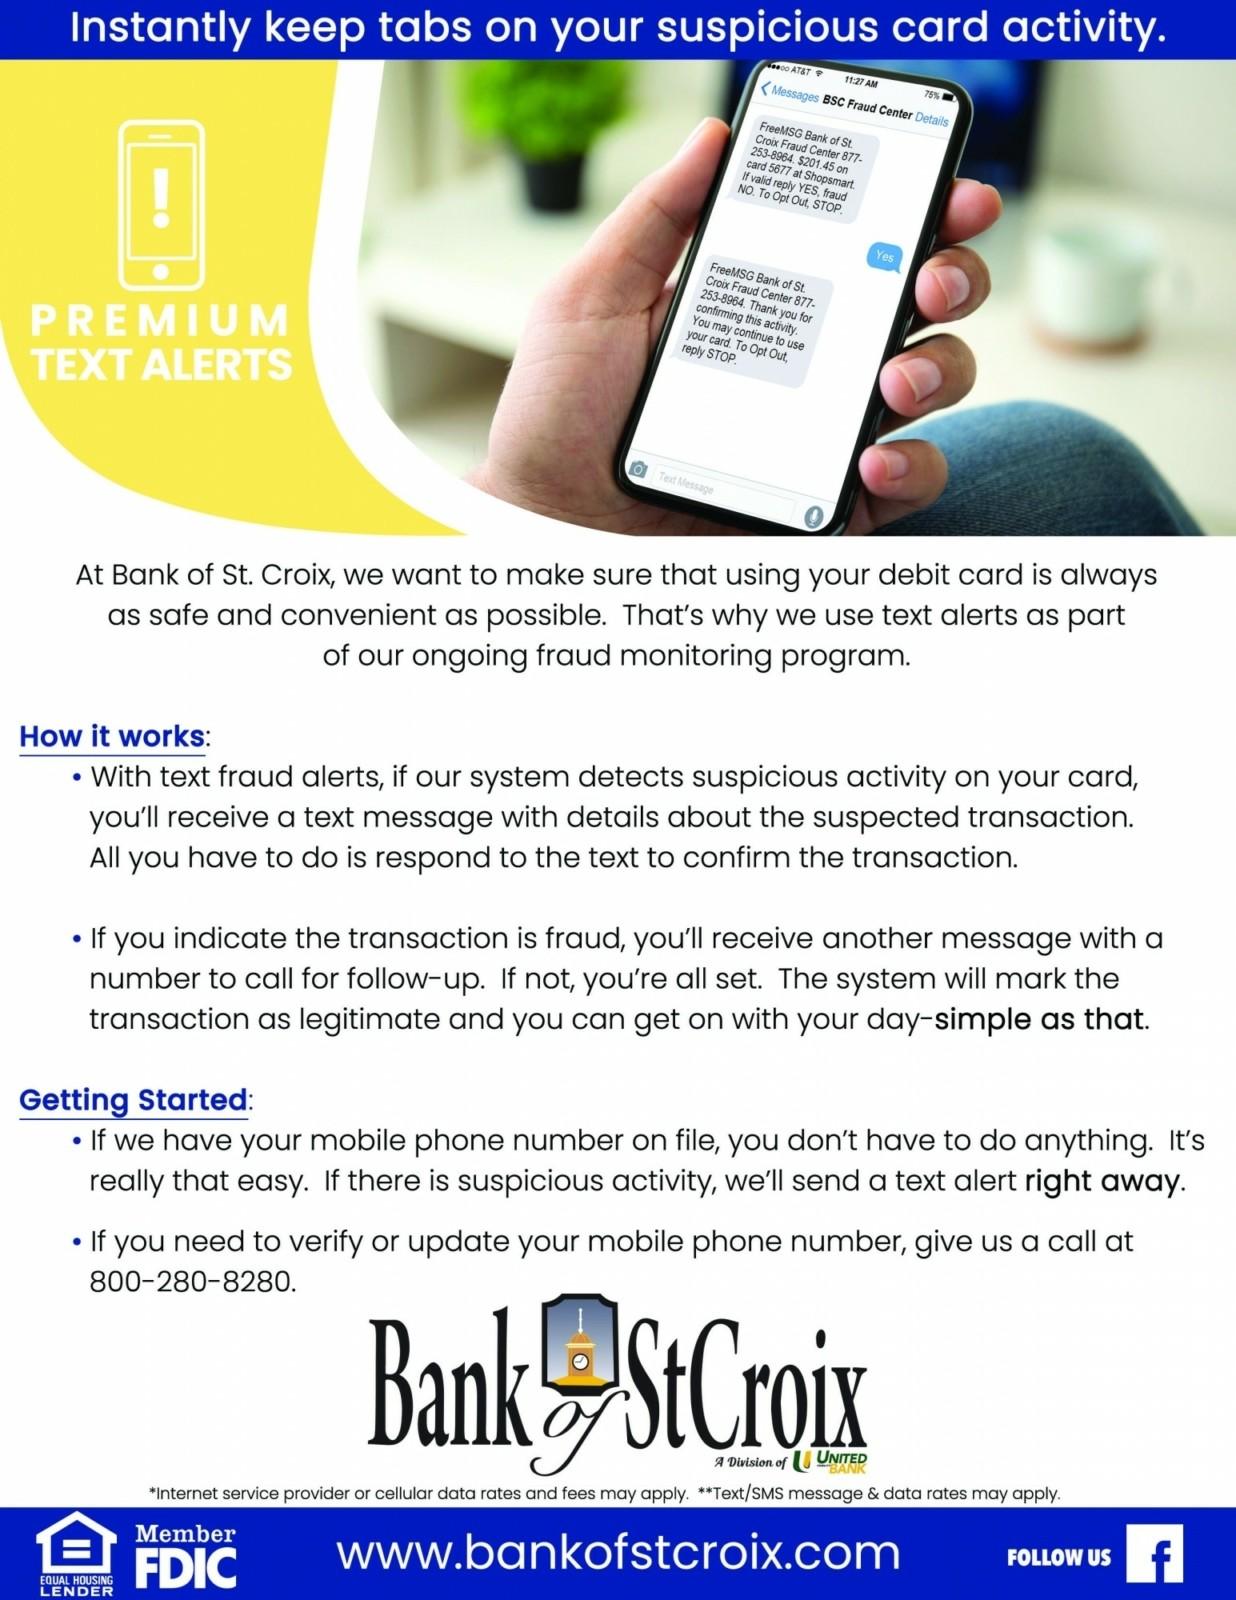 Landing-St Croix-Premium Text Alerts